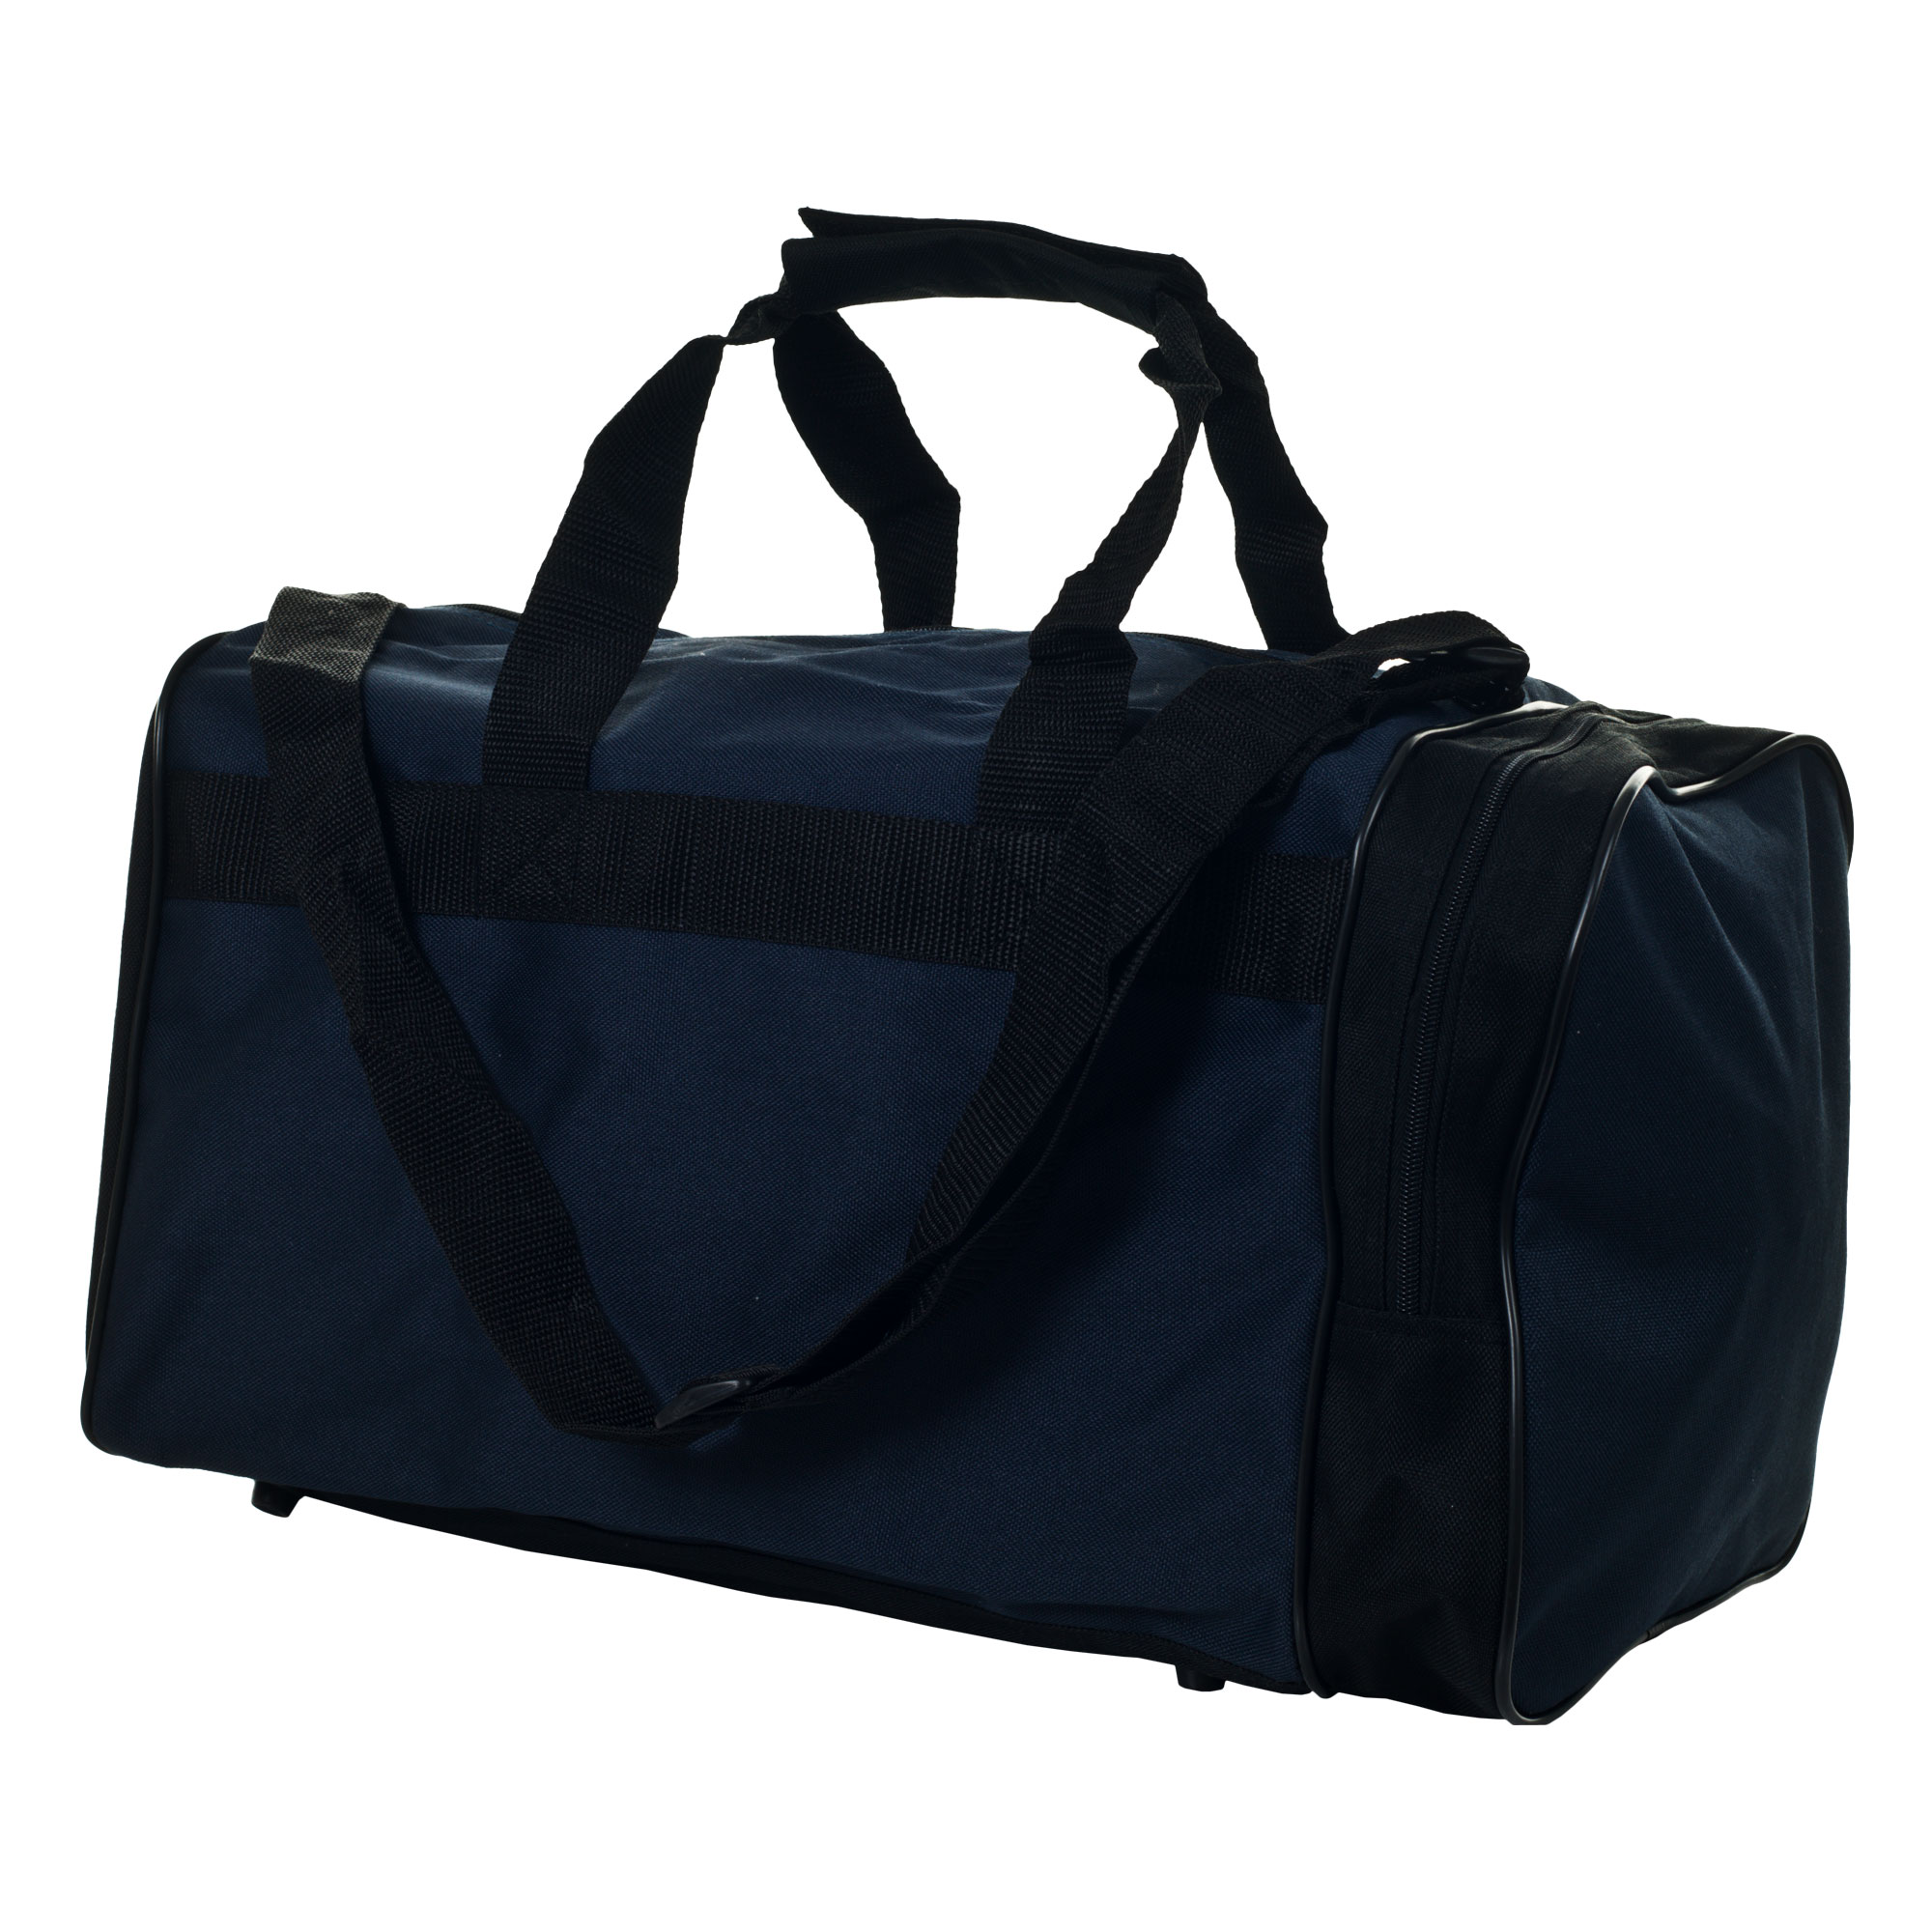 ToppersTravel Sport Polyester Navy/Black Unisex Shoulder-strap Gym Bag